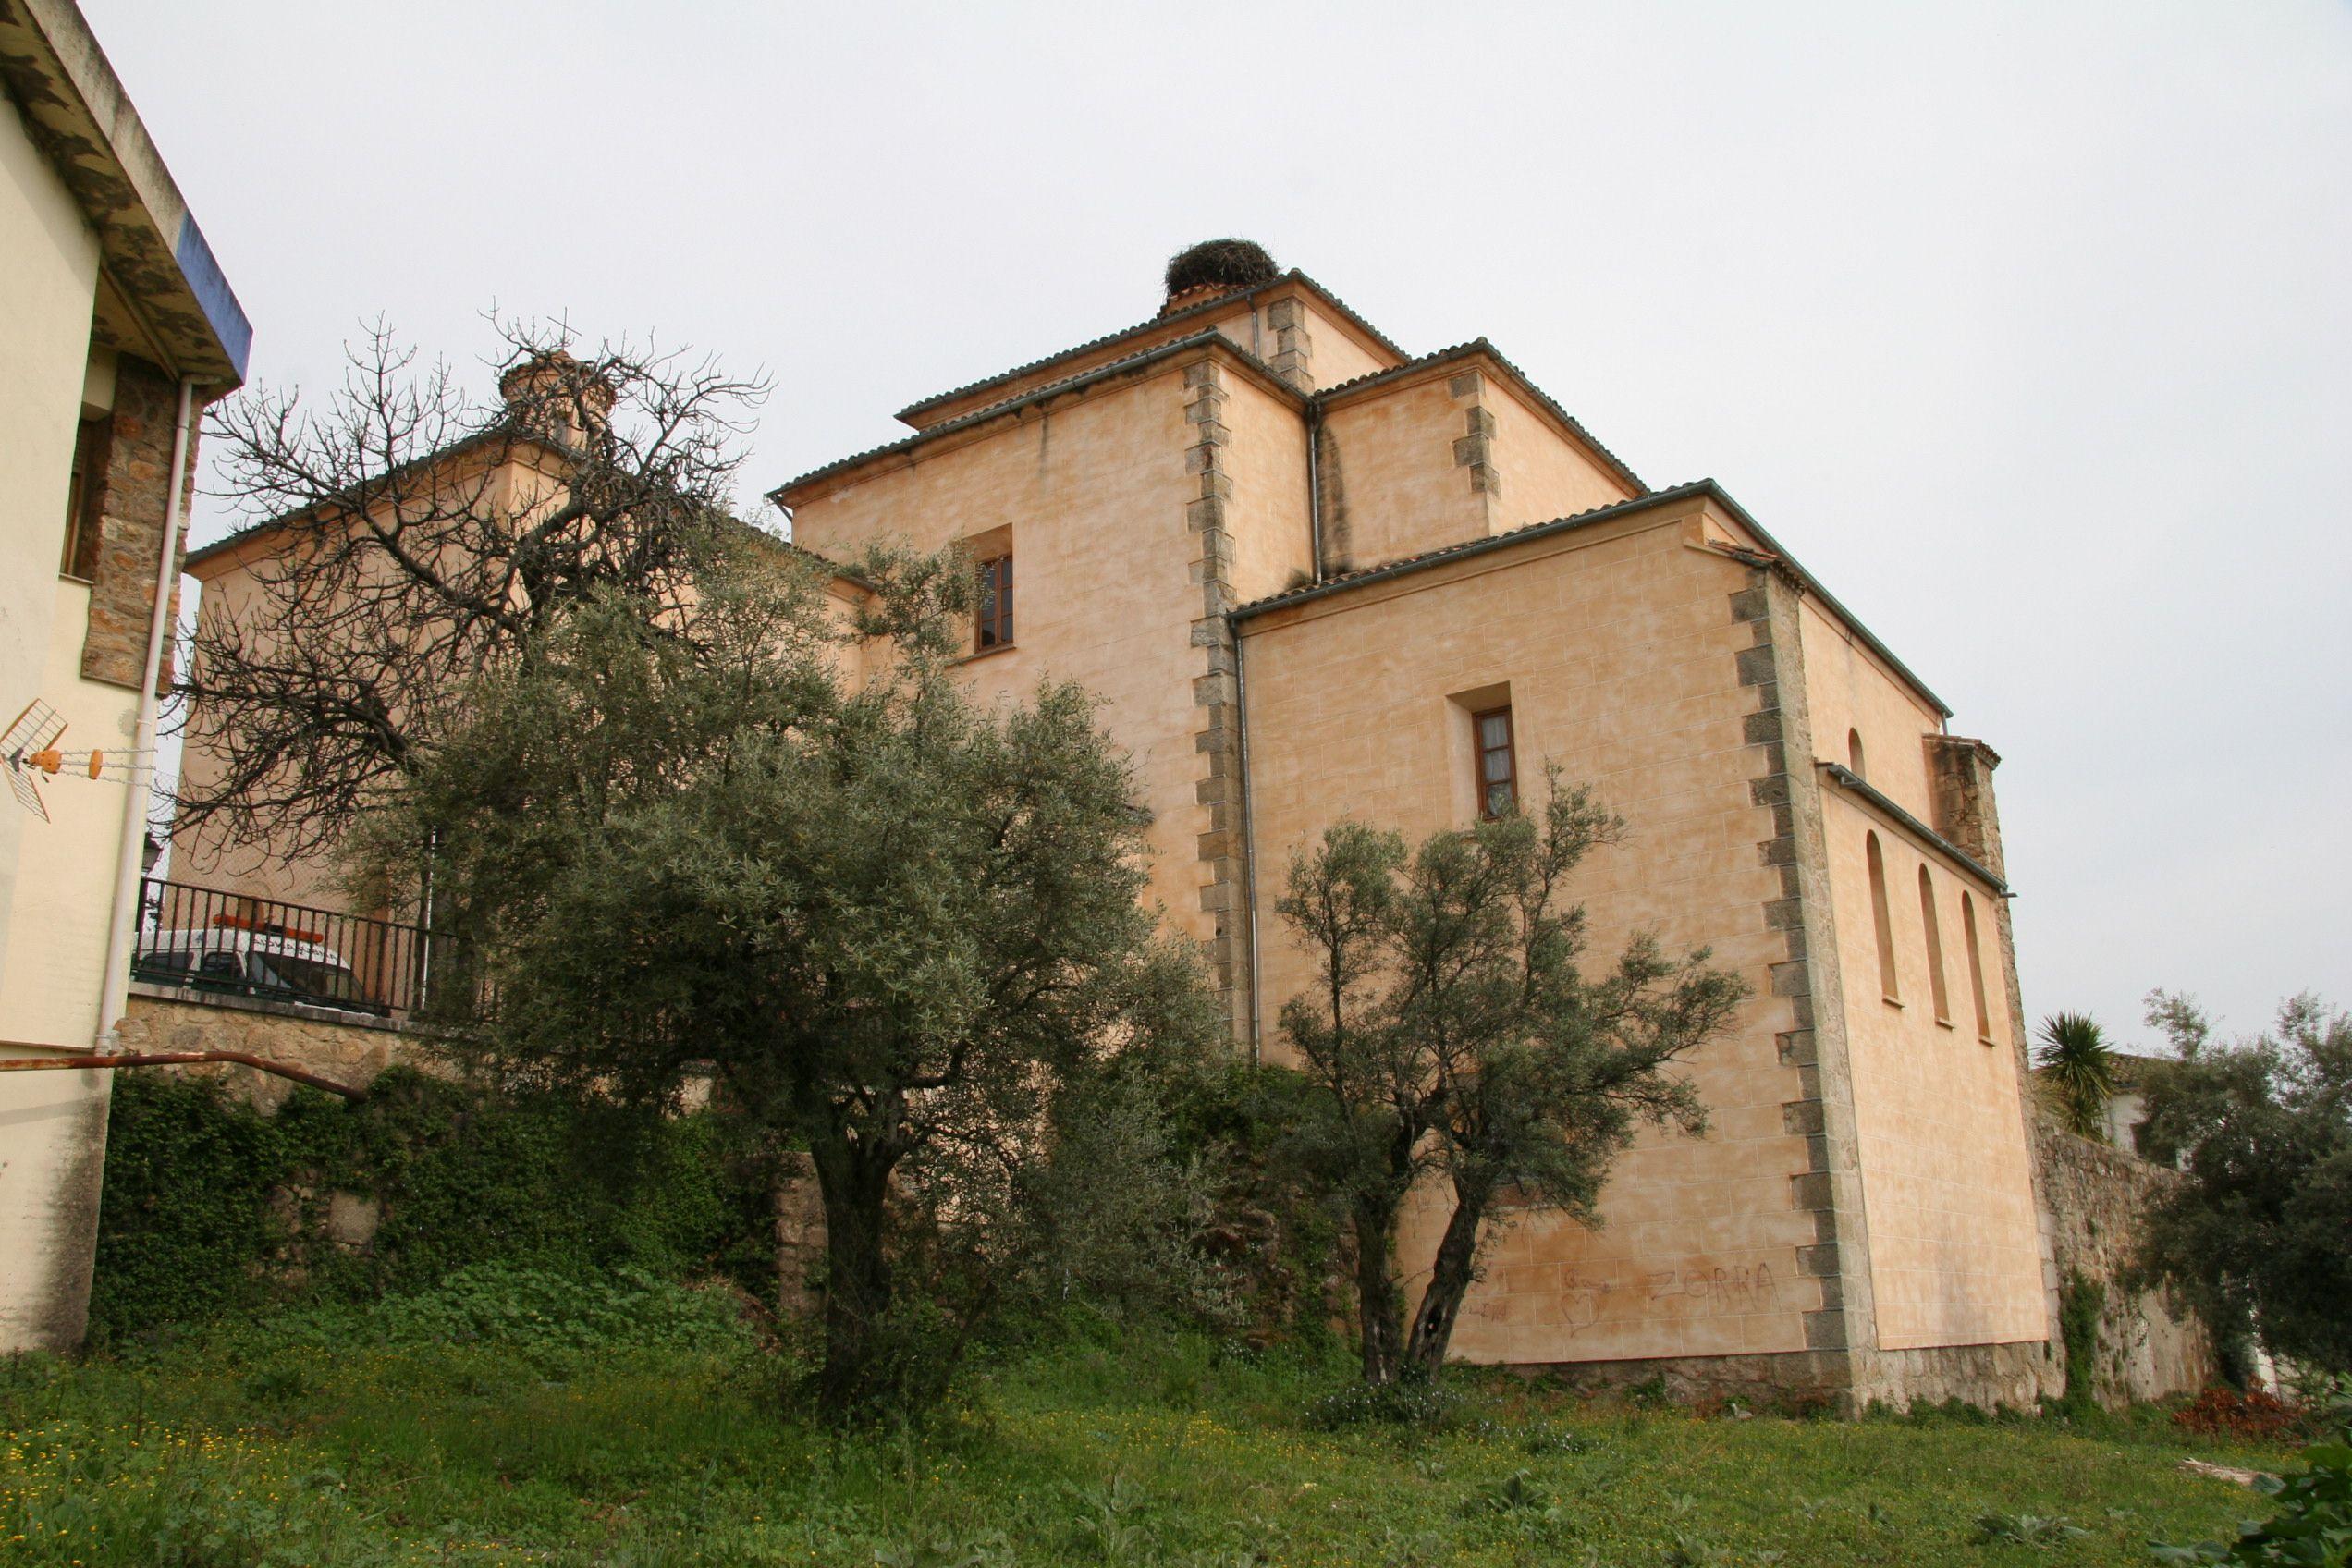 Rehabilitación de fachadas en Badajoz